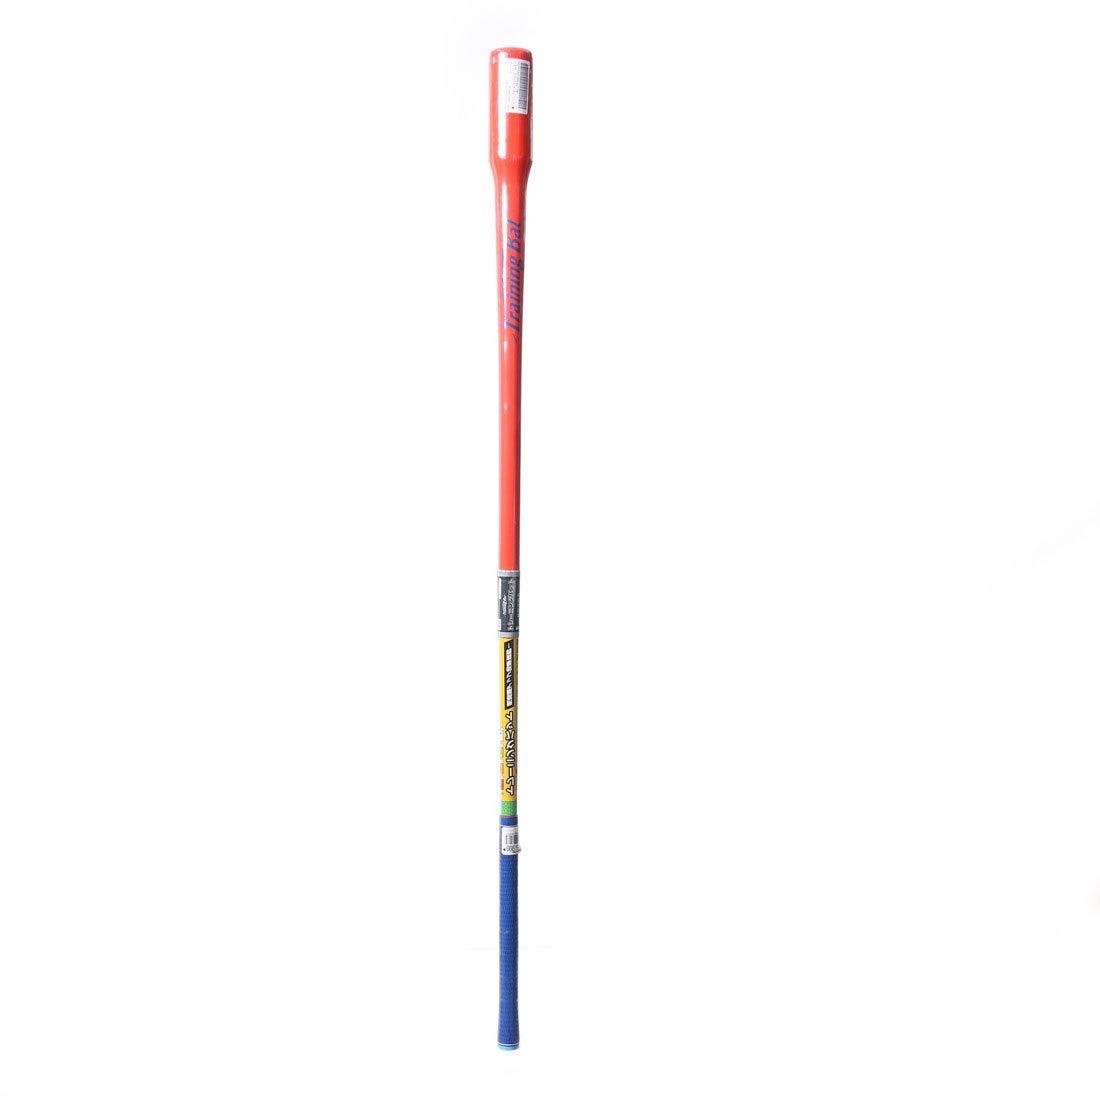 ゴルフ5 GOLF5 ユニセックス ゴルフ スイング練習器具 トレーニングバット JP-5021